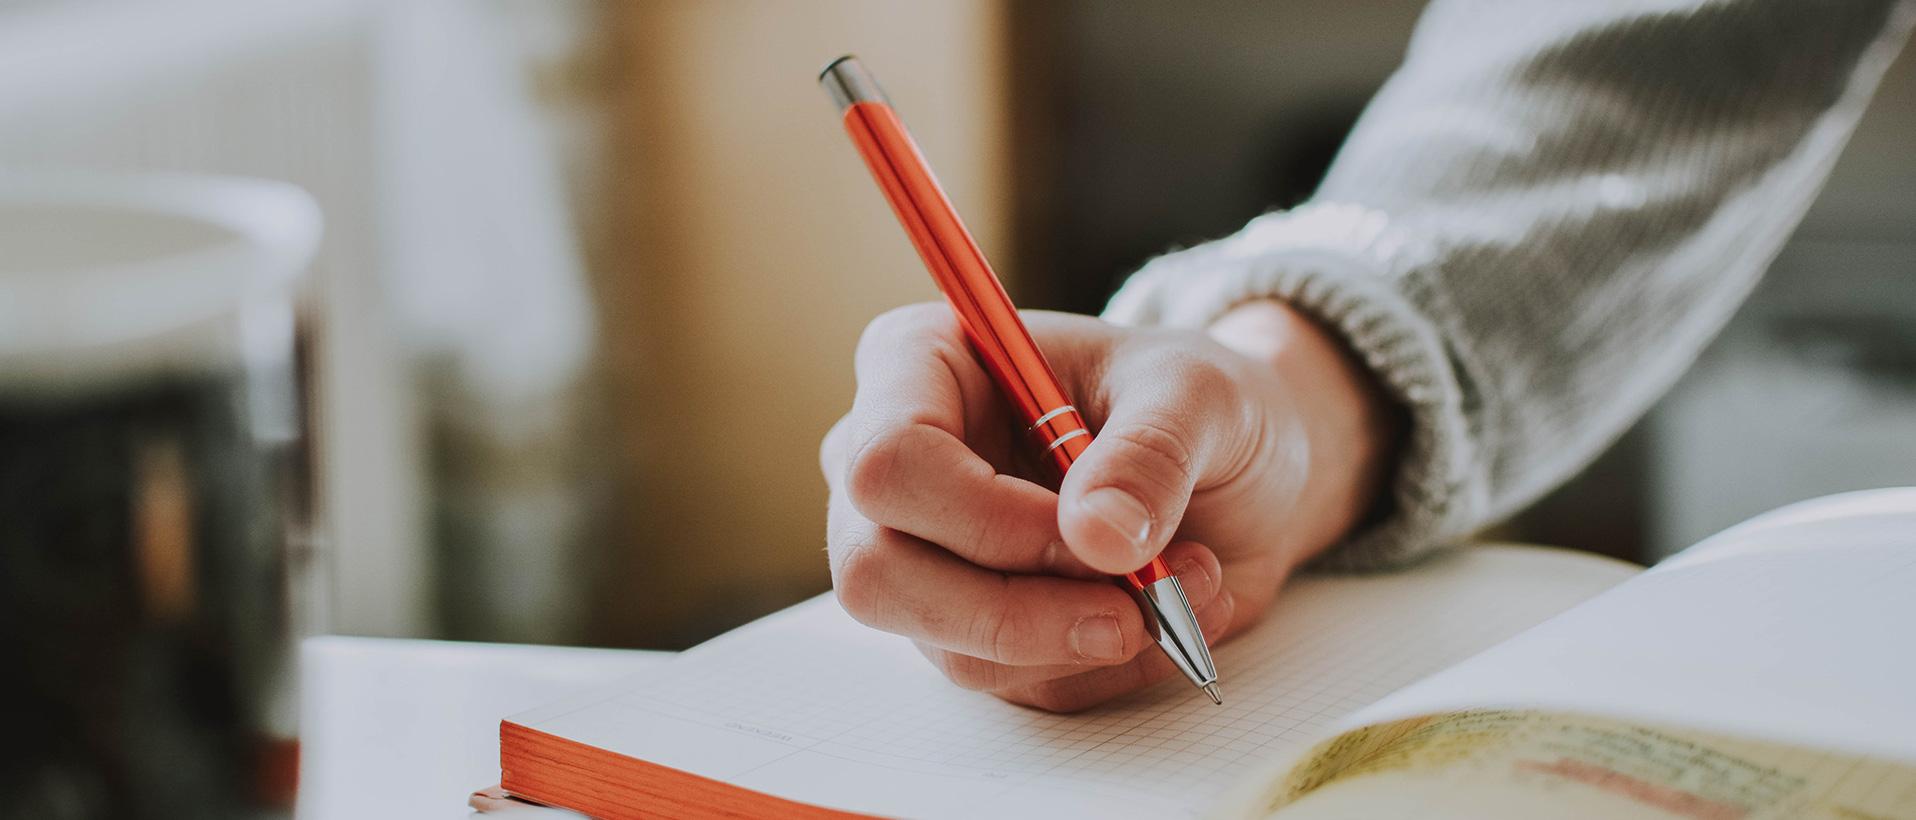 Hand die einen Stift hält und in ein Buch schreibt.